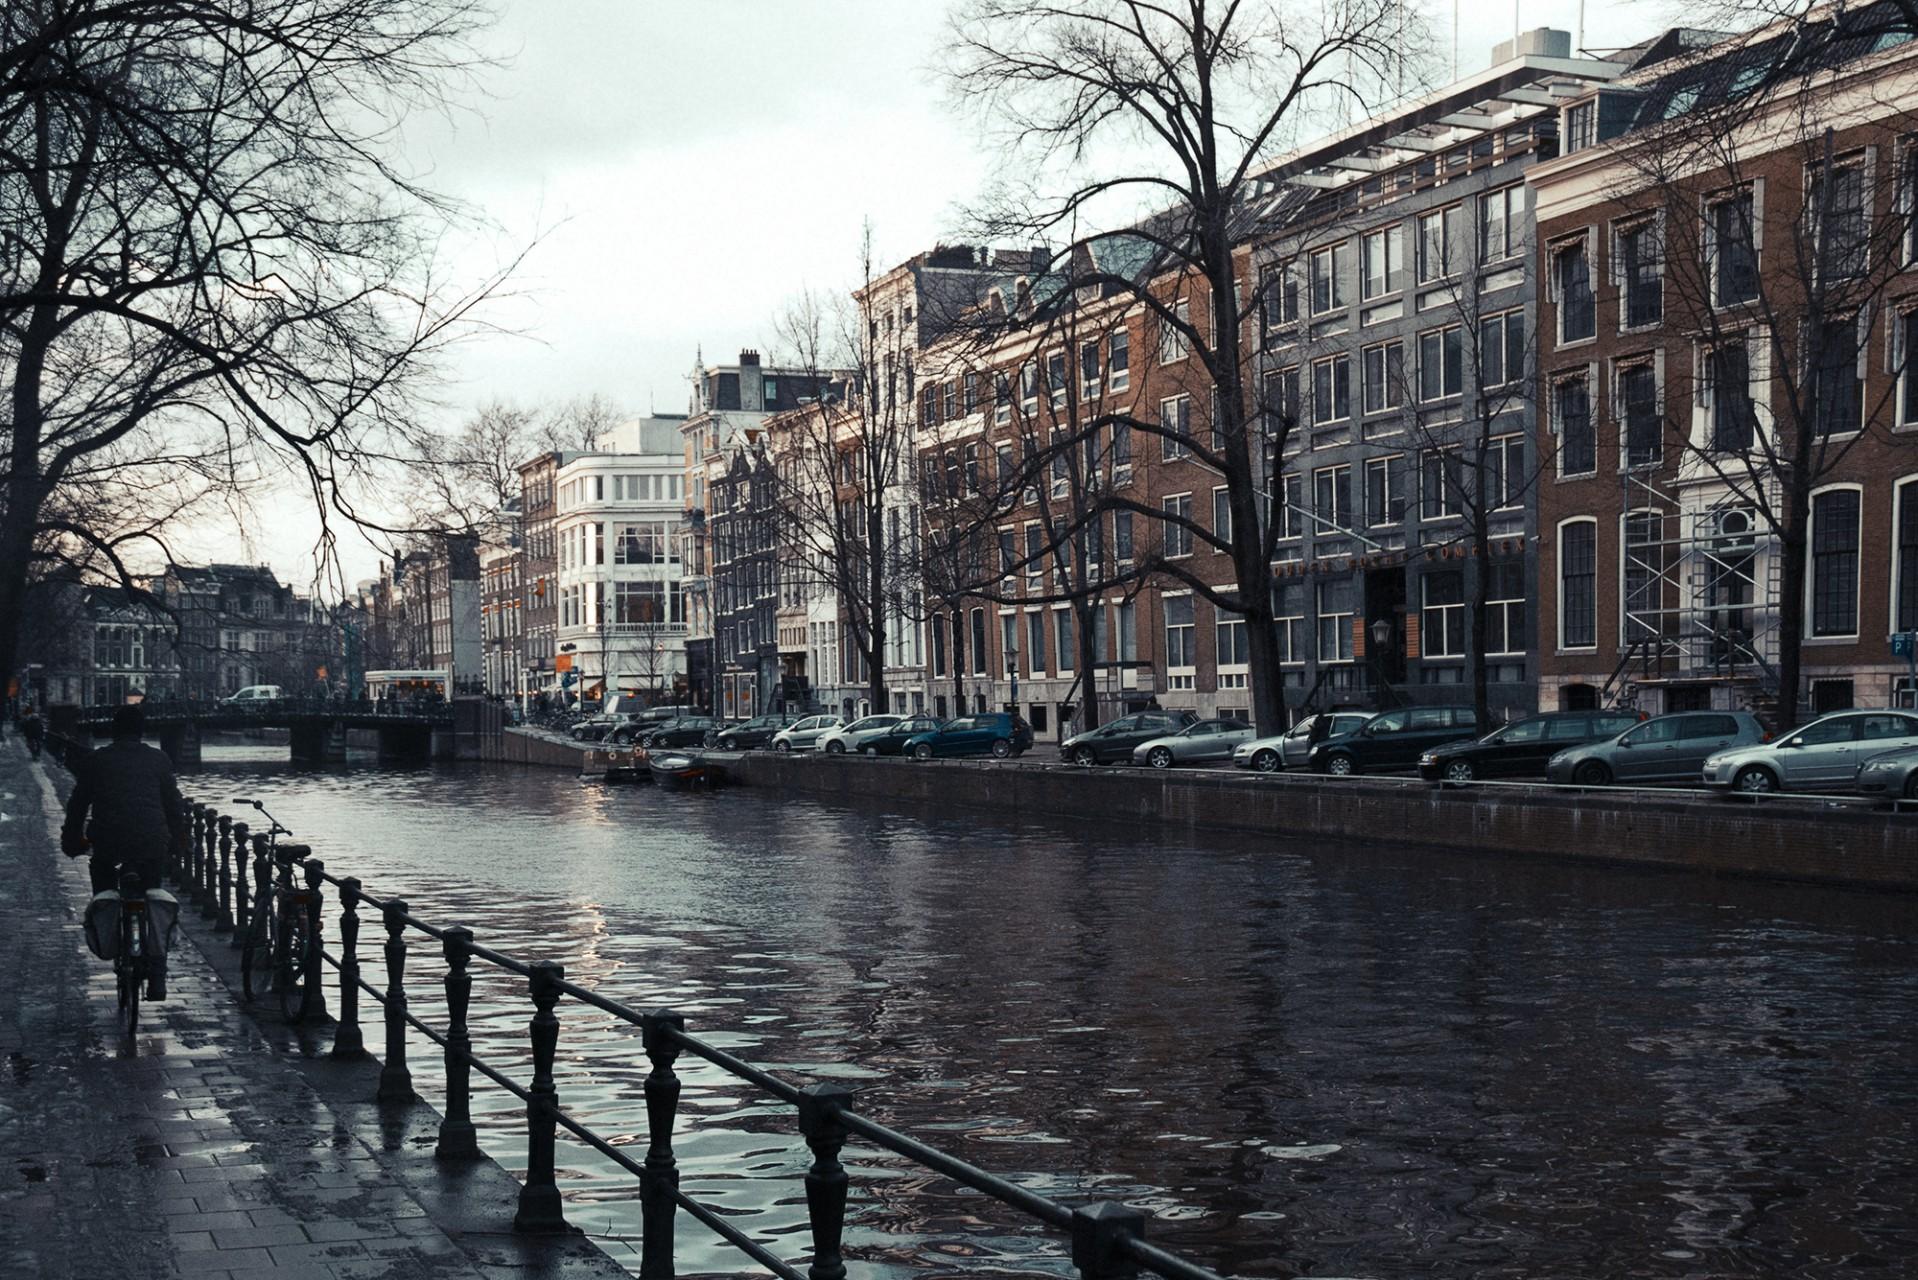 12 Amsterdam - Threebiker